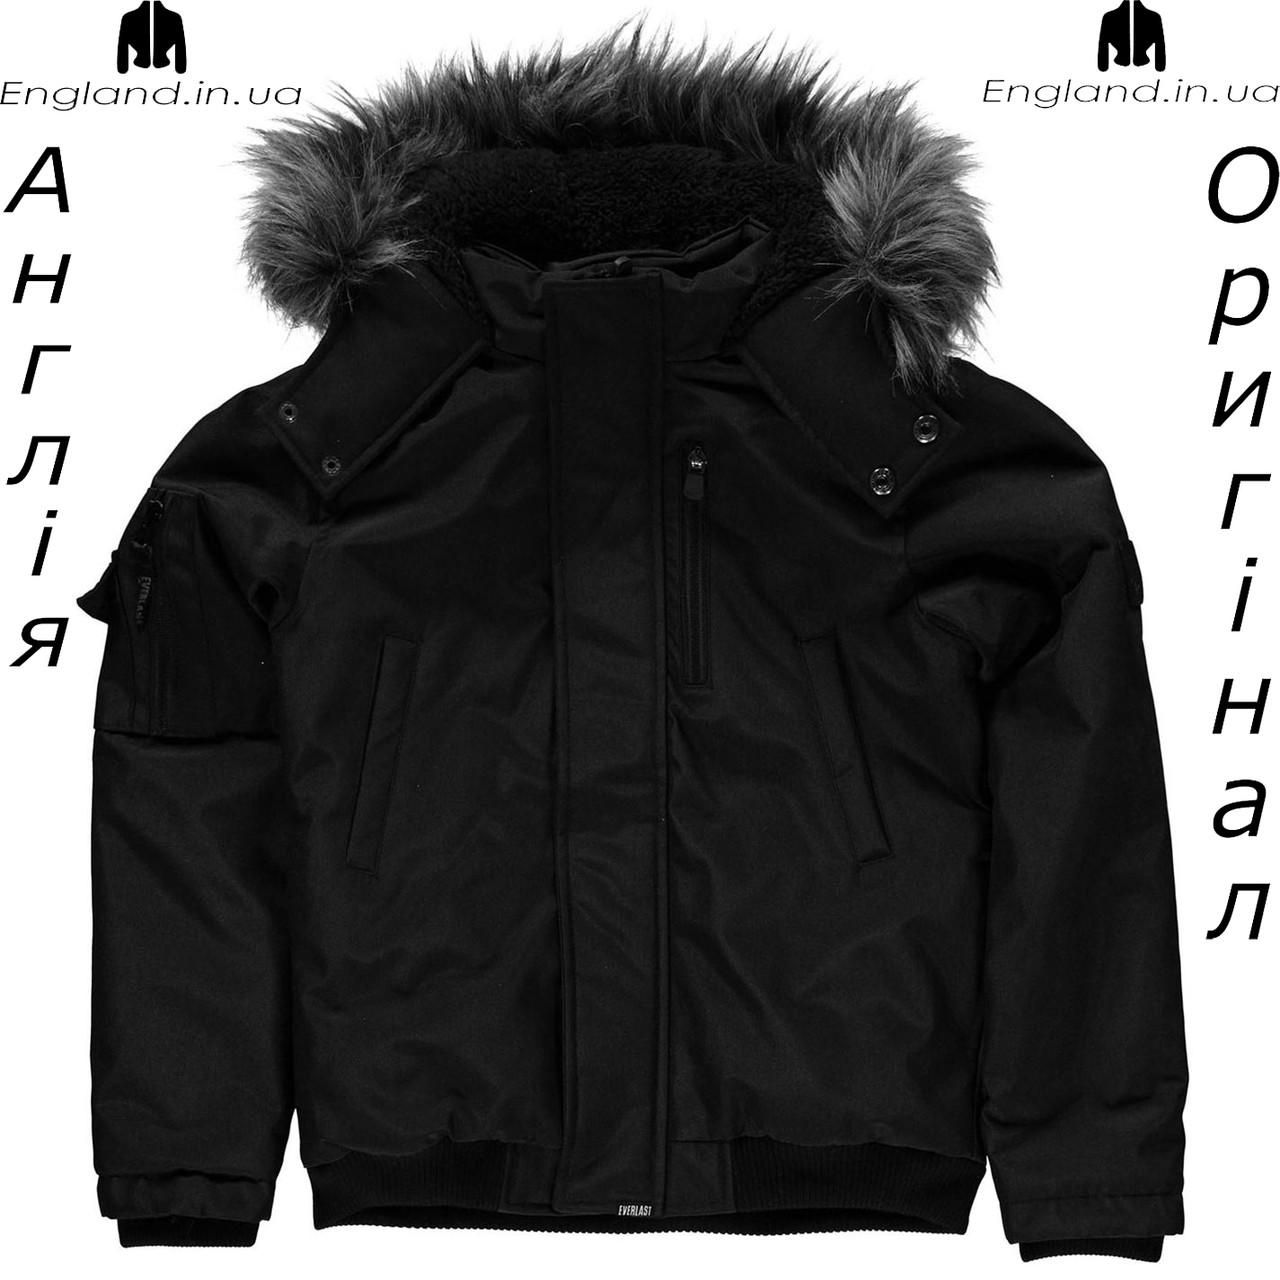 Куртка Everlast из Англии для мальчиков 2-14 лет - черная